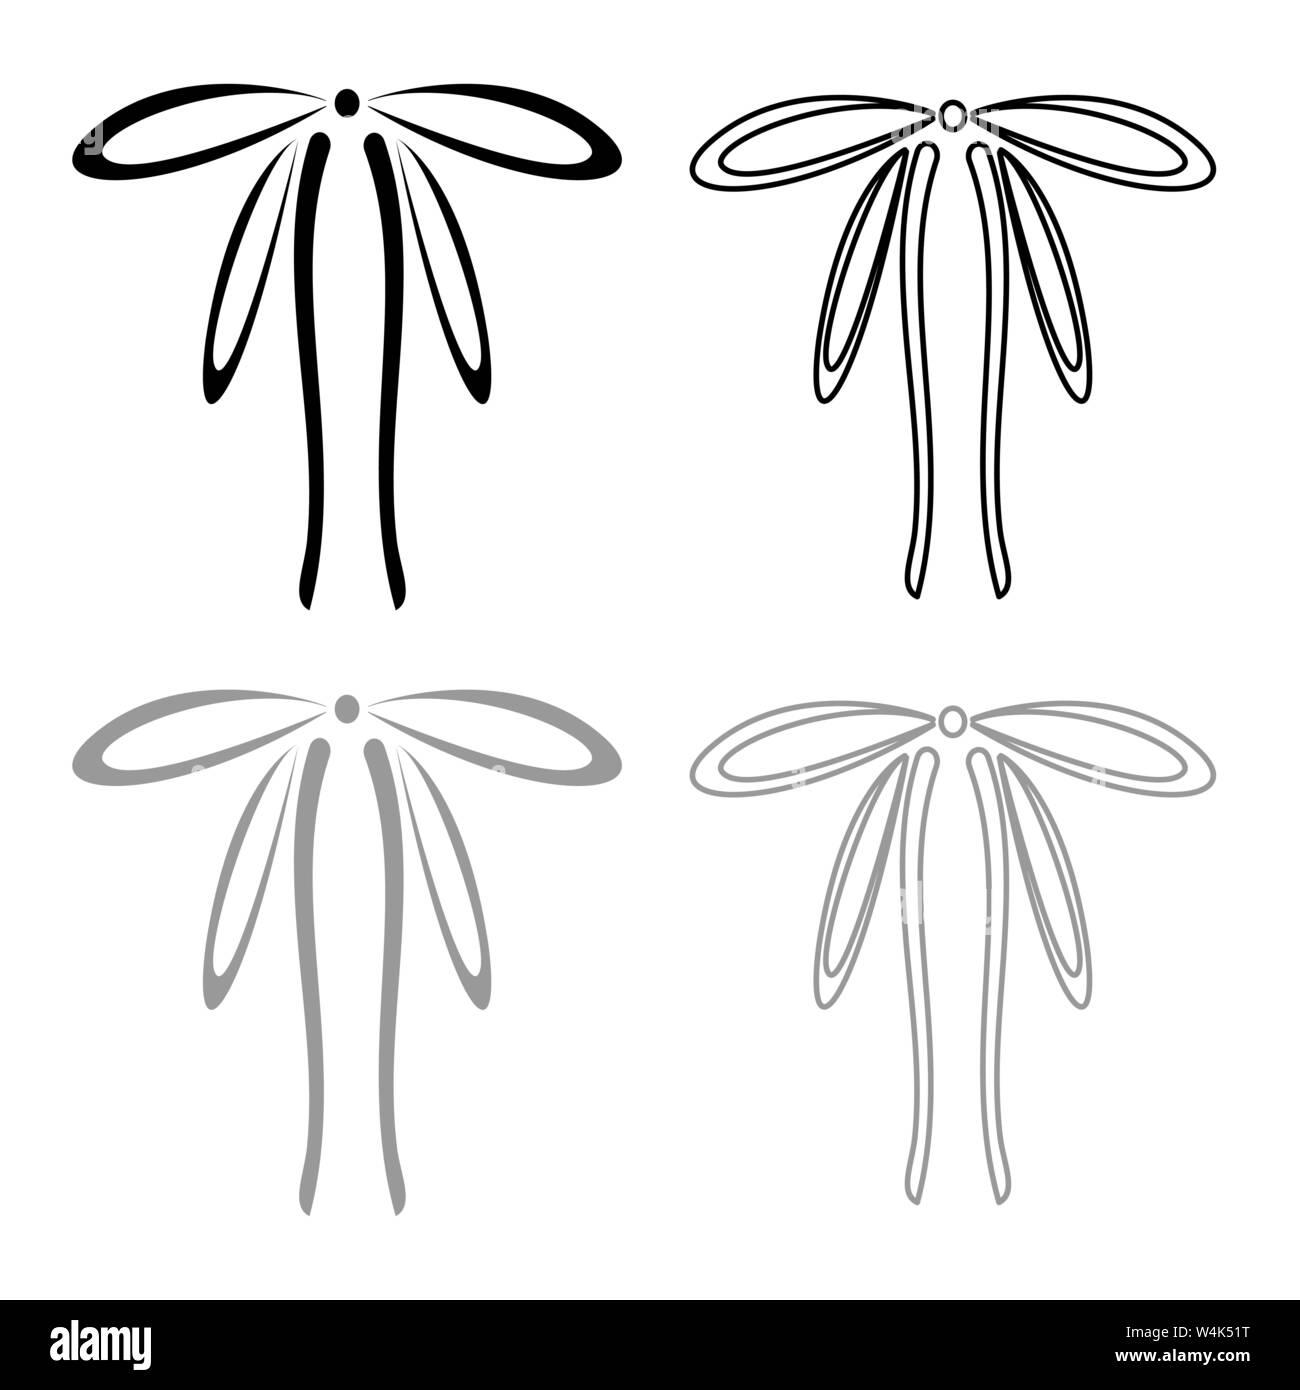 Rubans d'emballage avec Bow concept ornement ruban décoratif cadeau bow curl contour l'icône actuelle couleur gris noir style télévision illustration vectorielle Illustration de Vecteur